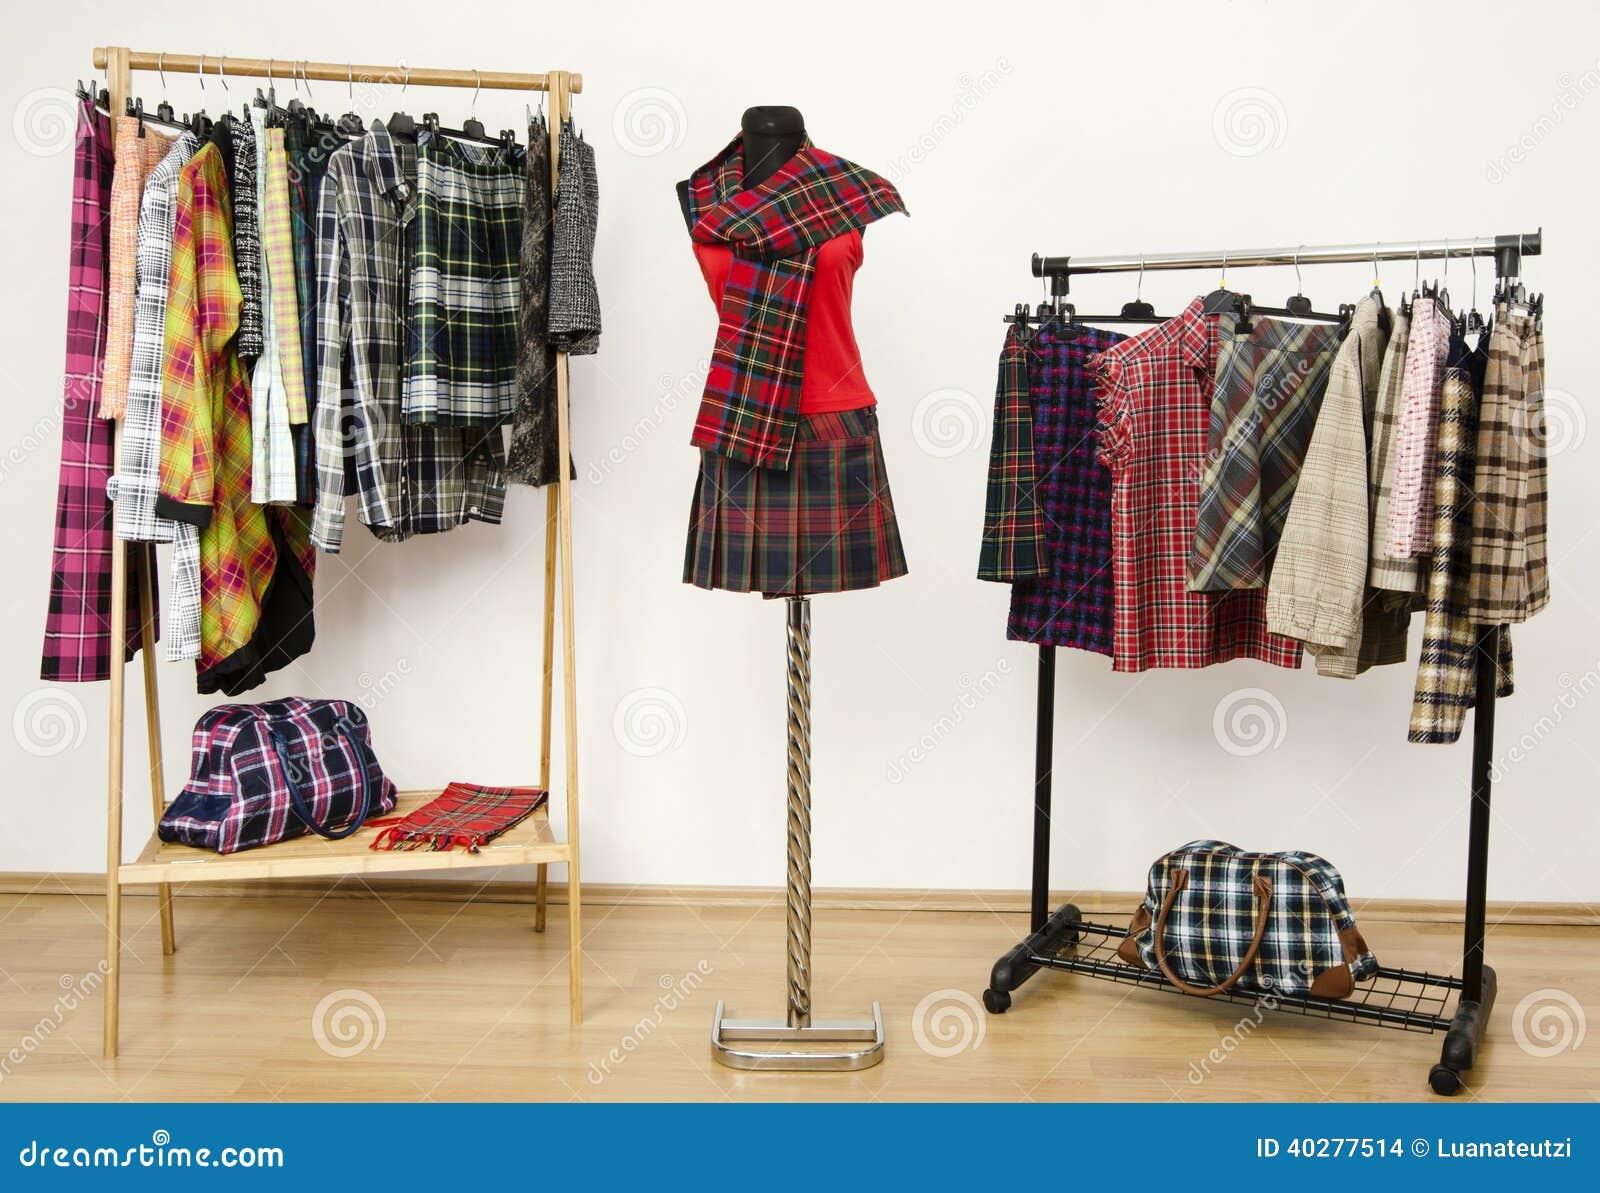 el vestido del armario con ropa de la tela escocesa arregl en y un equipo